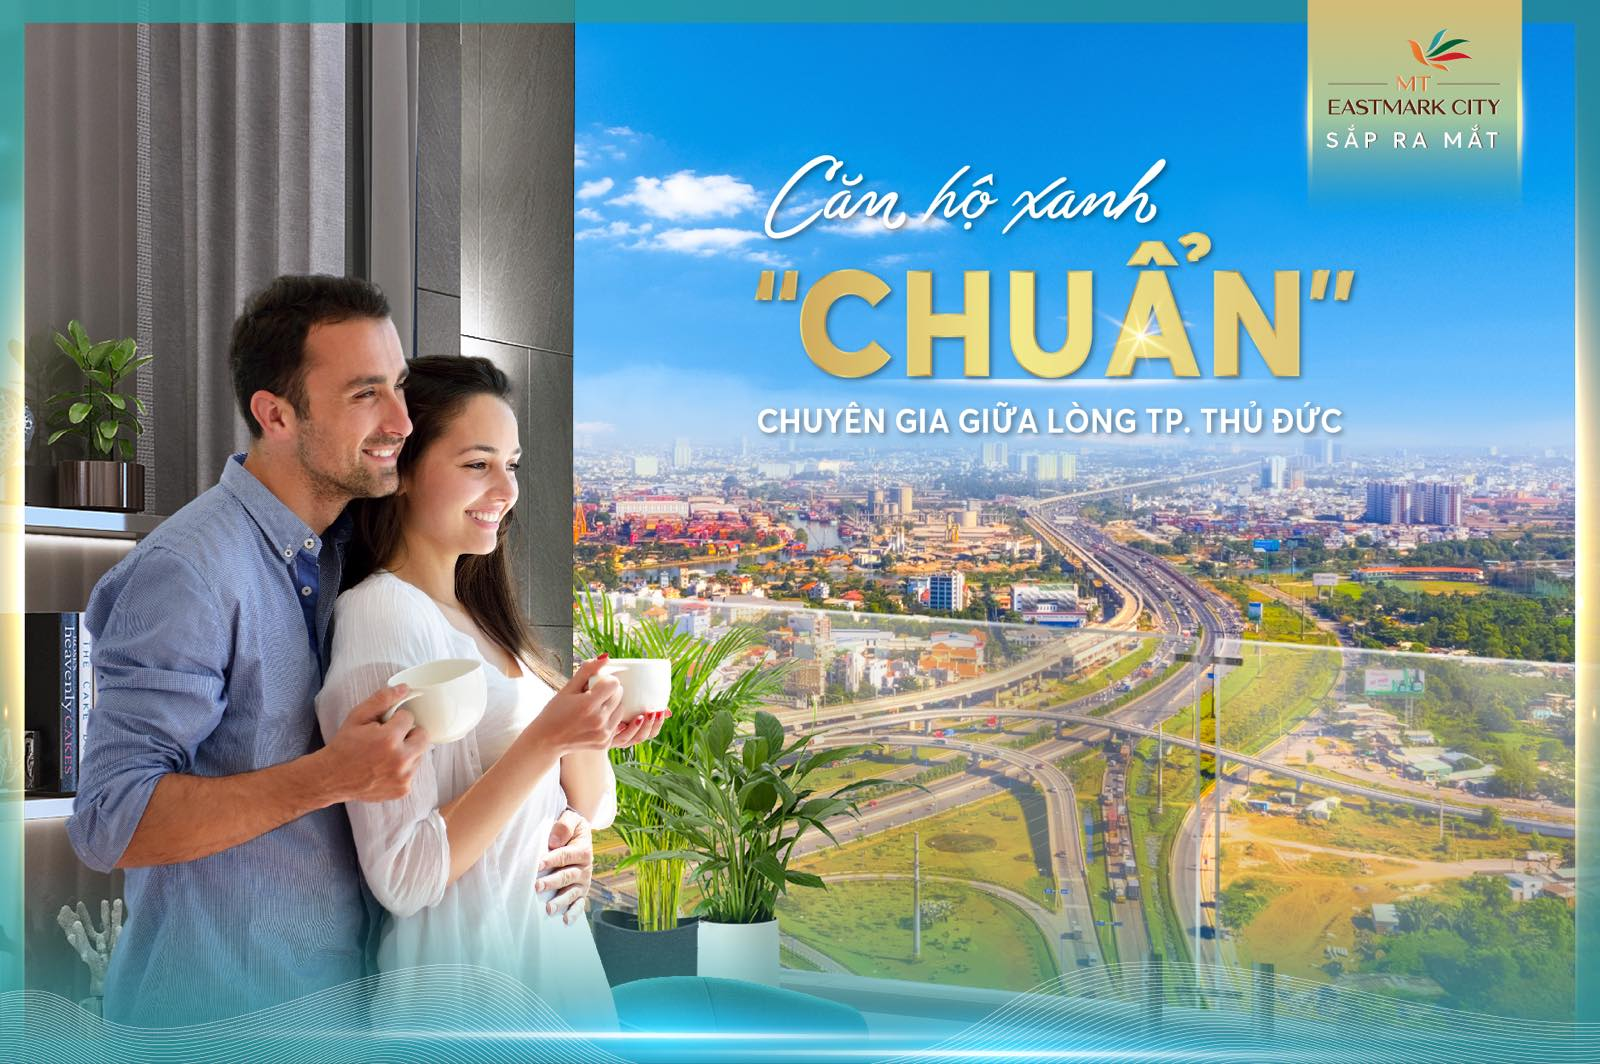 MT EASTMARK CITY đang đãn đầu xu hướng tim mua bất động sản căn hộ tại TP Thủ Đức